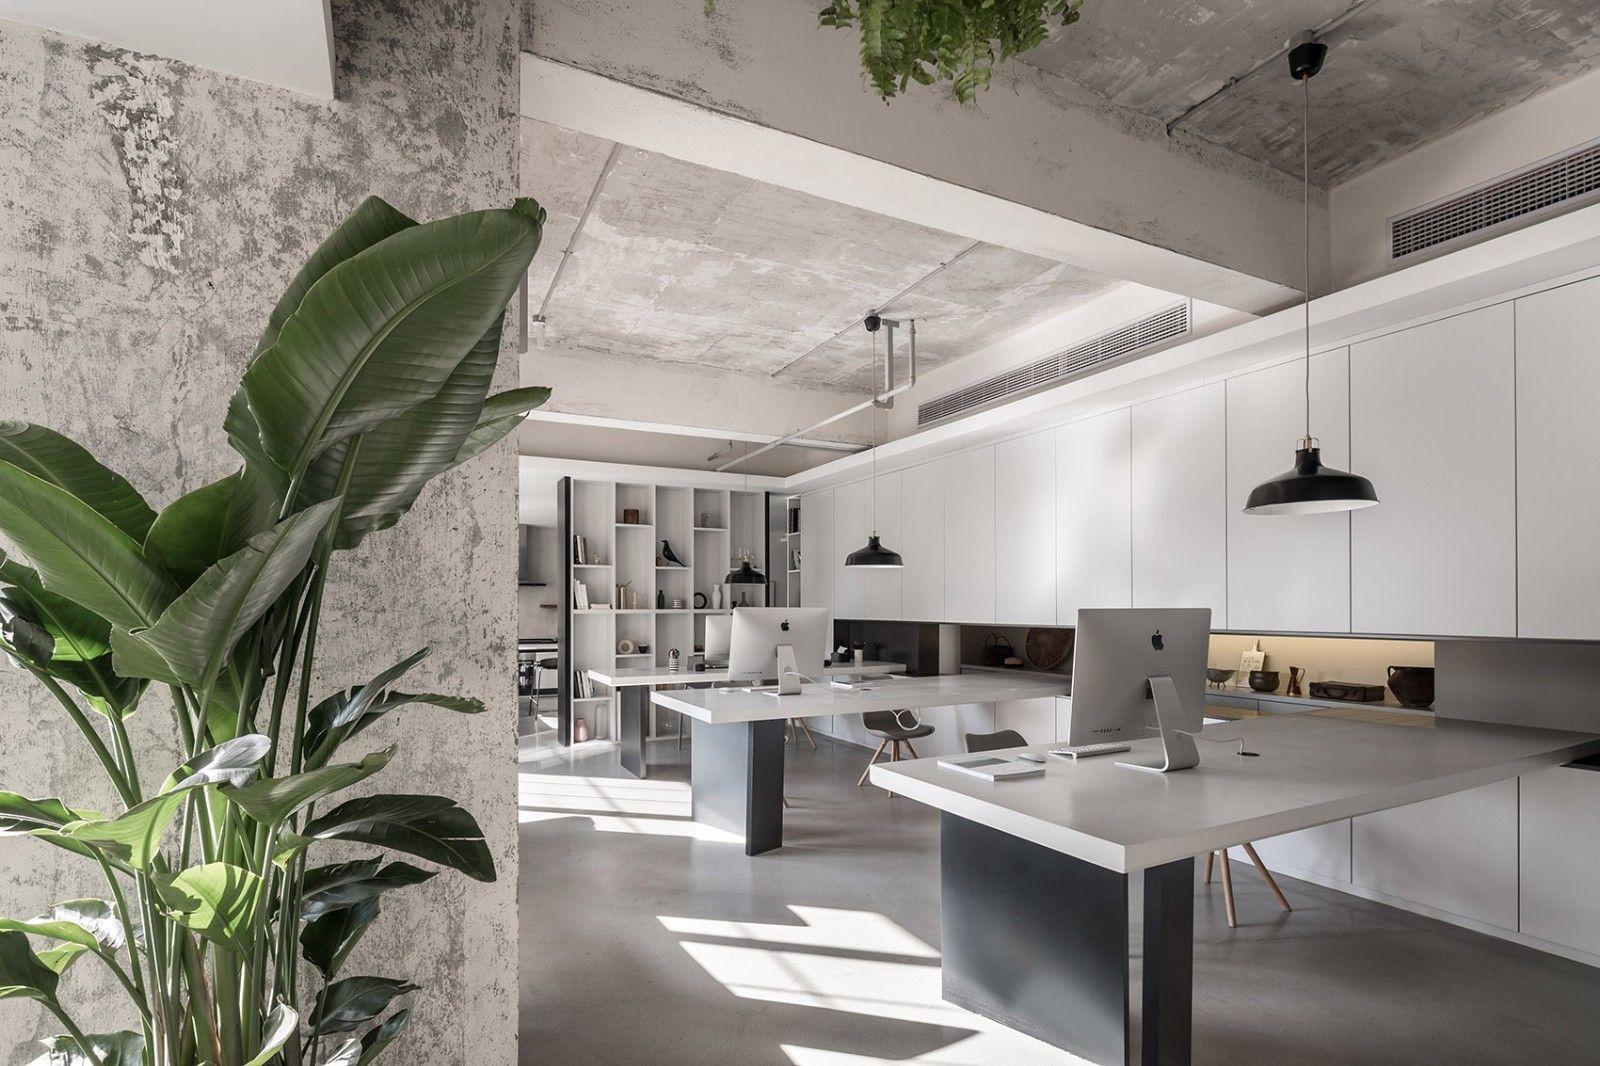 杭州莫语生活办公室 | 杭州时上建筑空间设计|沈墨 - 7